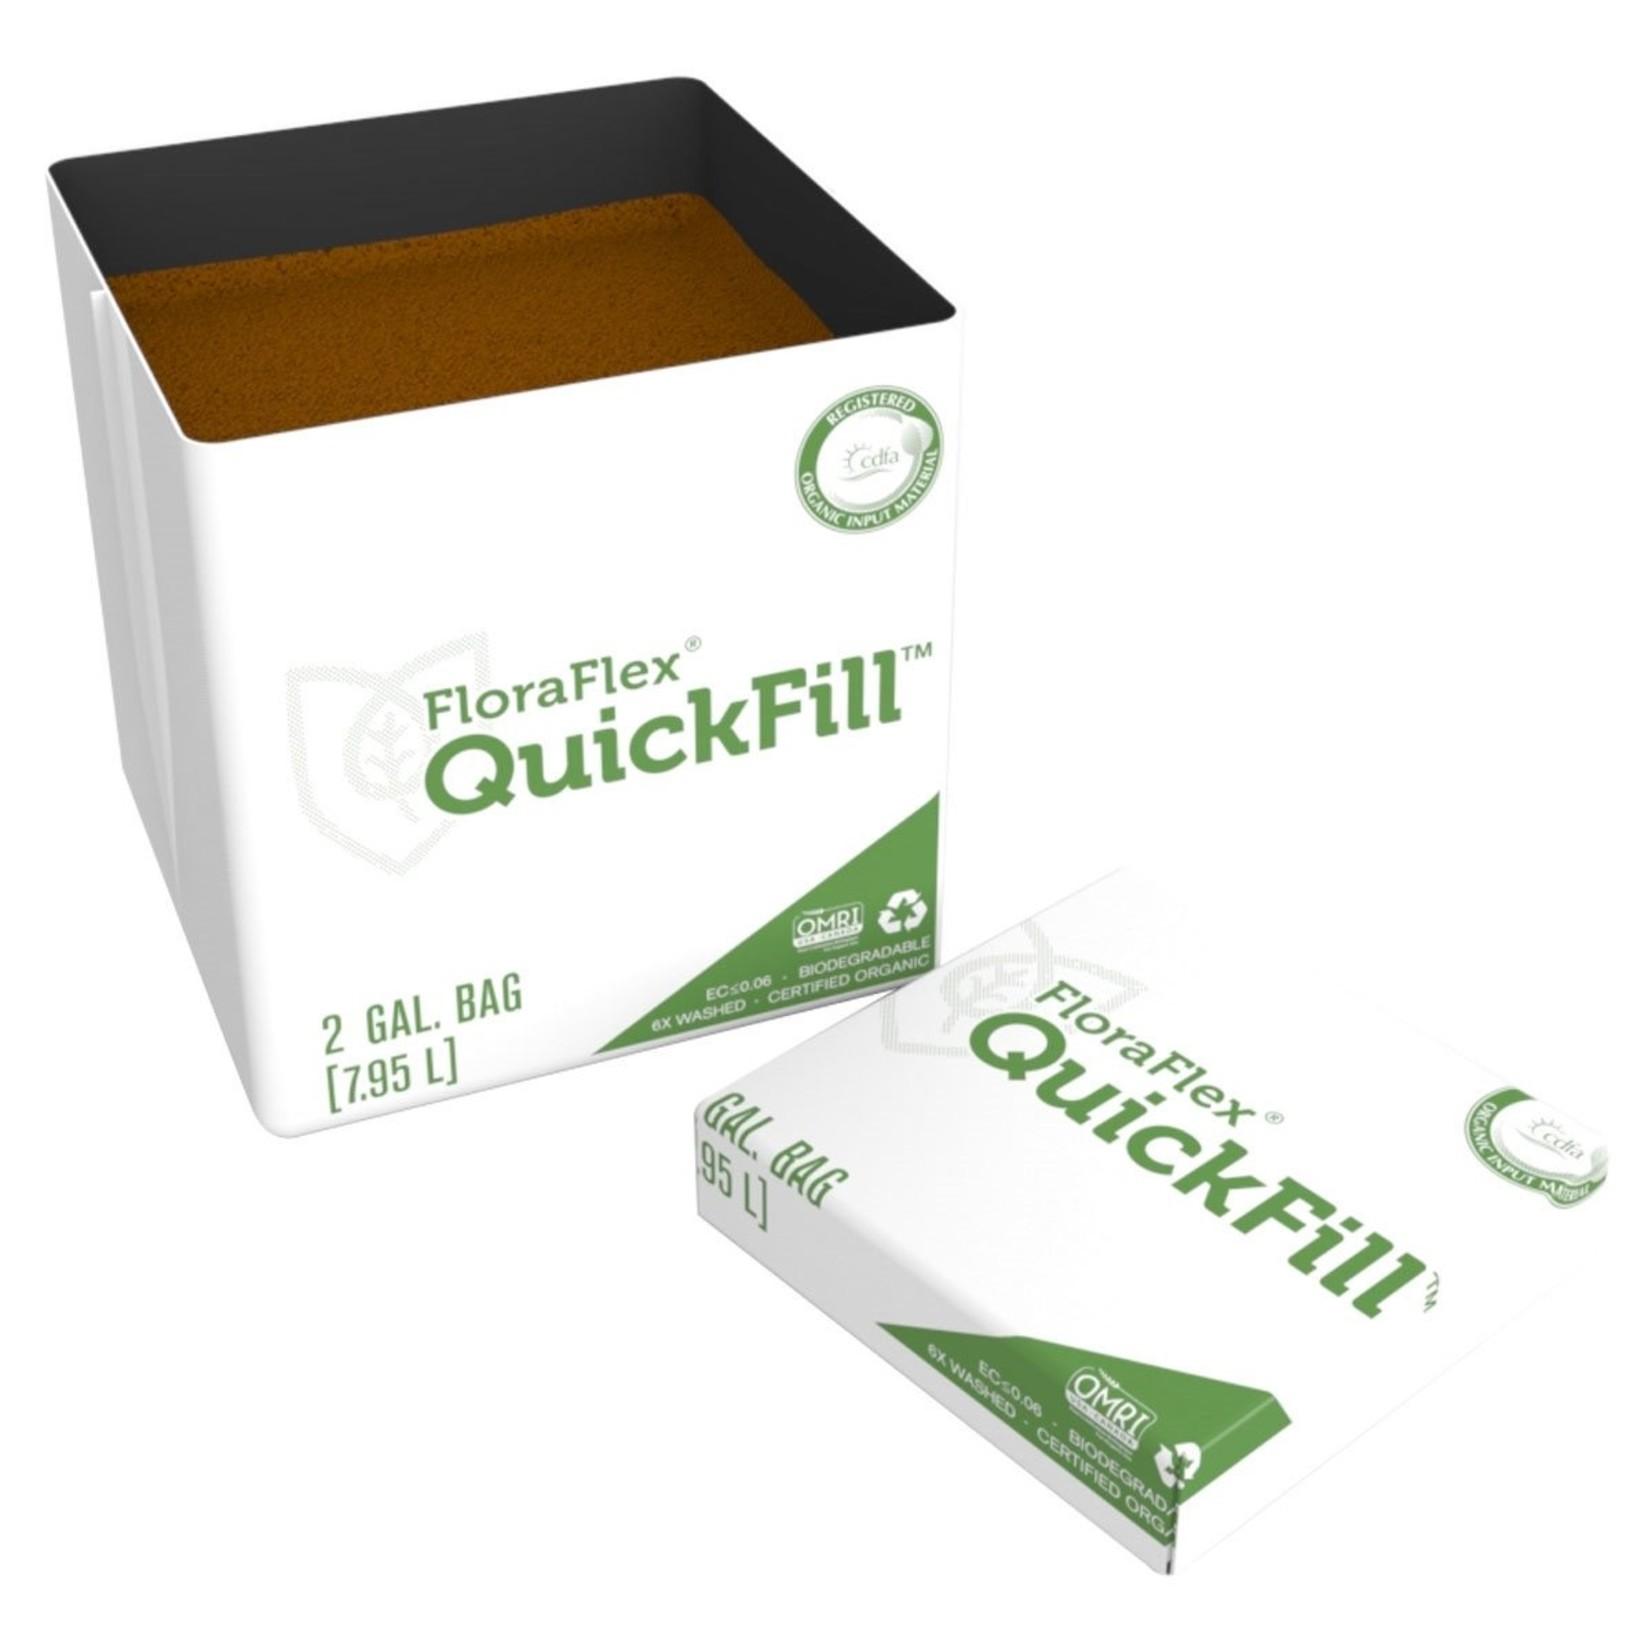 FloraFlex FloraFlex QuickFill Bag 2 Gal